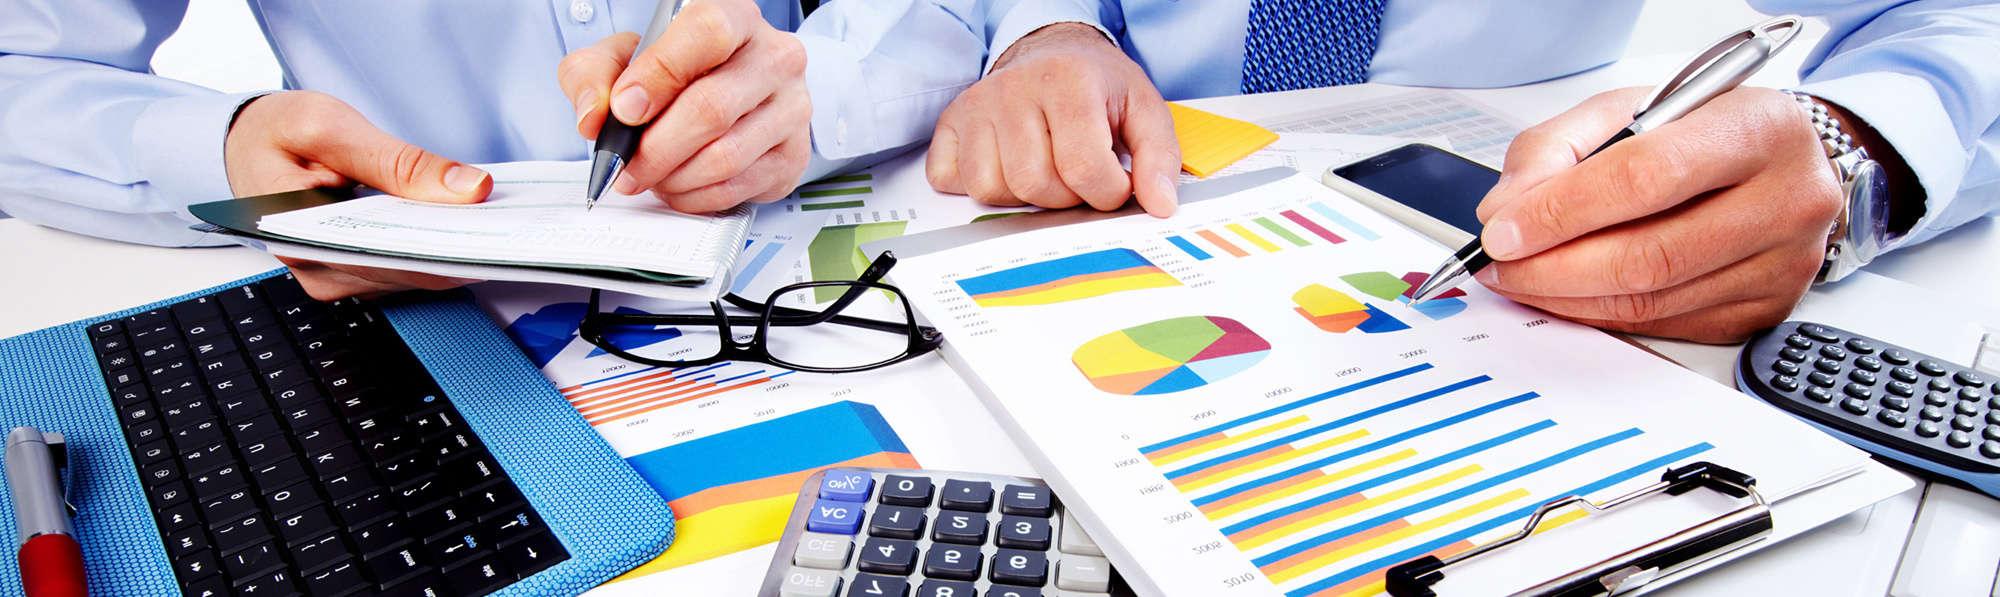 Strategii referitoare la îmbunătățirea serviciilor de consultanță financiară